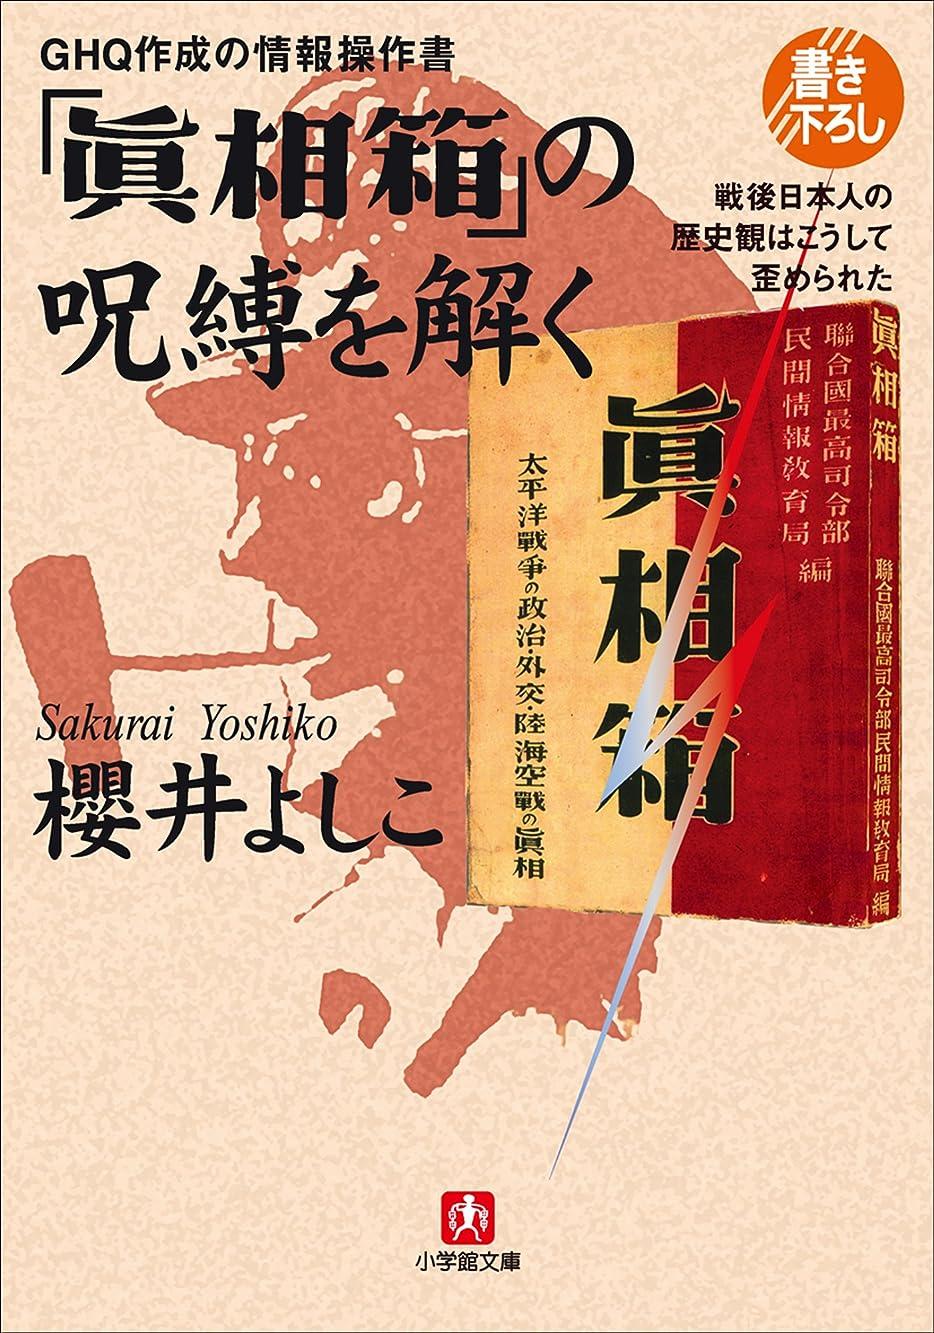 ベーリング海峡液体前任者GHQ作成の情報操作書 「眞相箱」の呪縛を解く―戦後日本人の歴史観はこうして歪められた